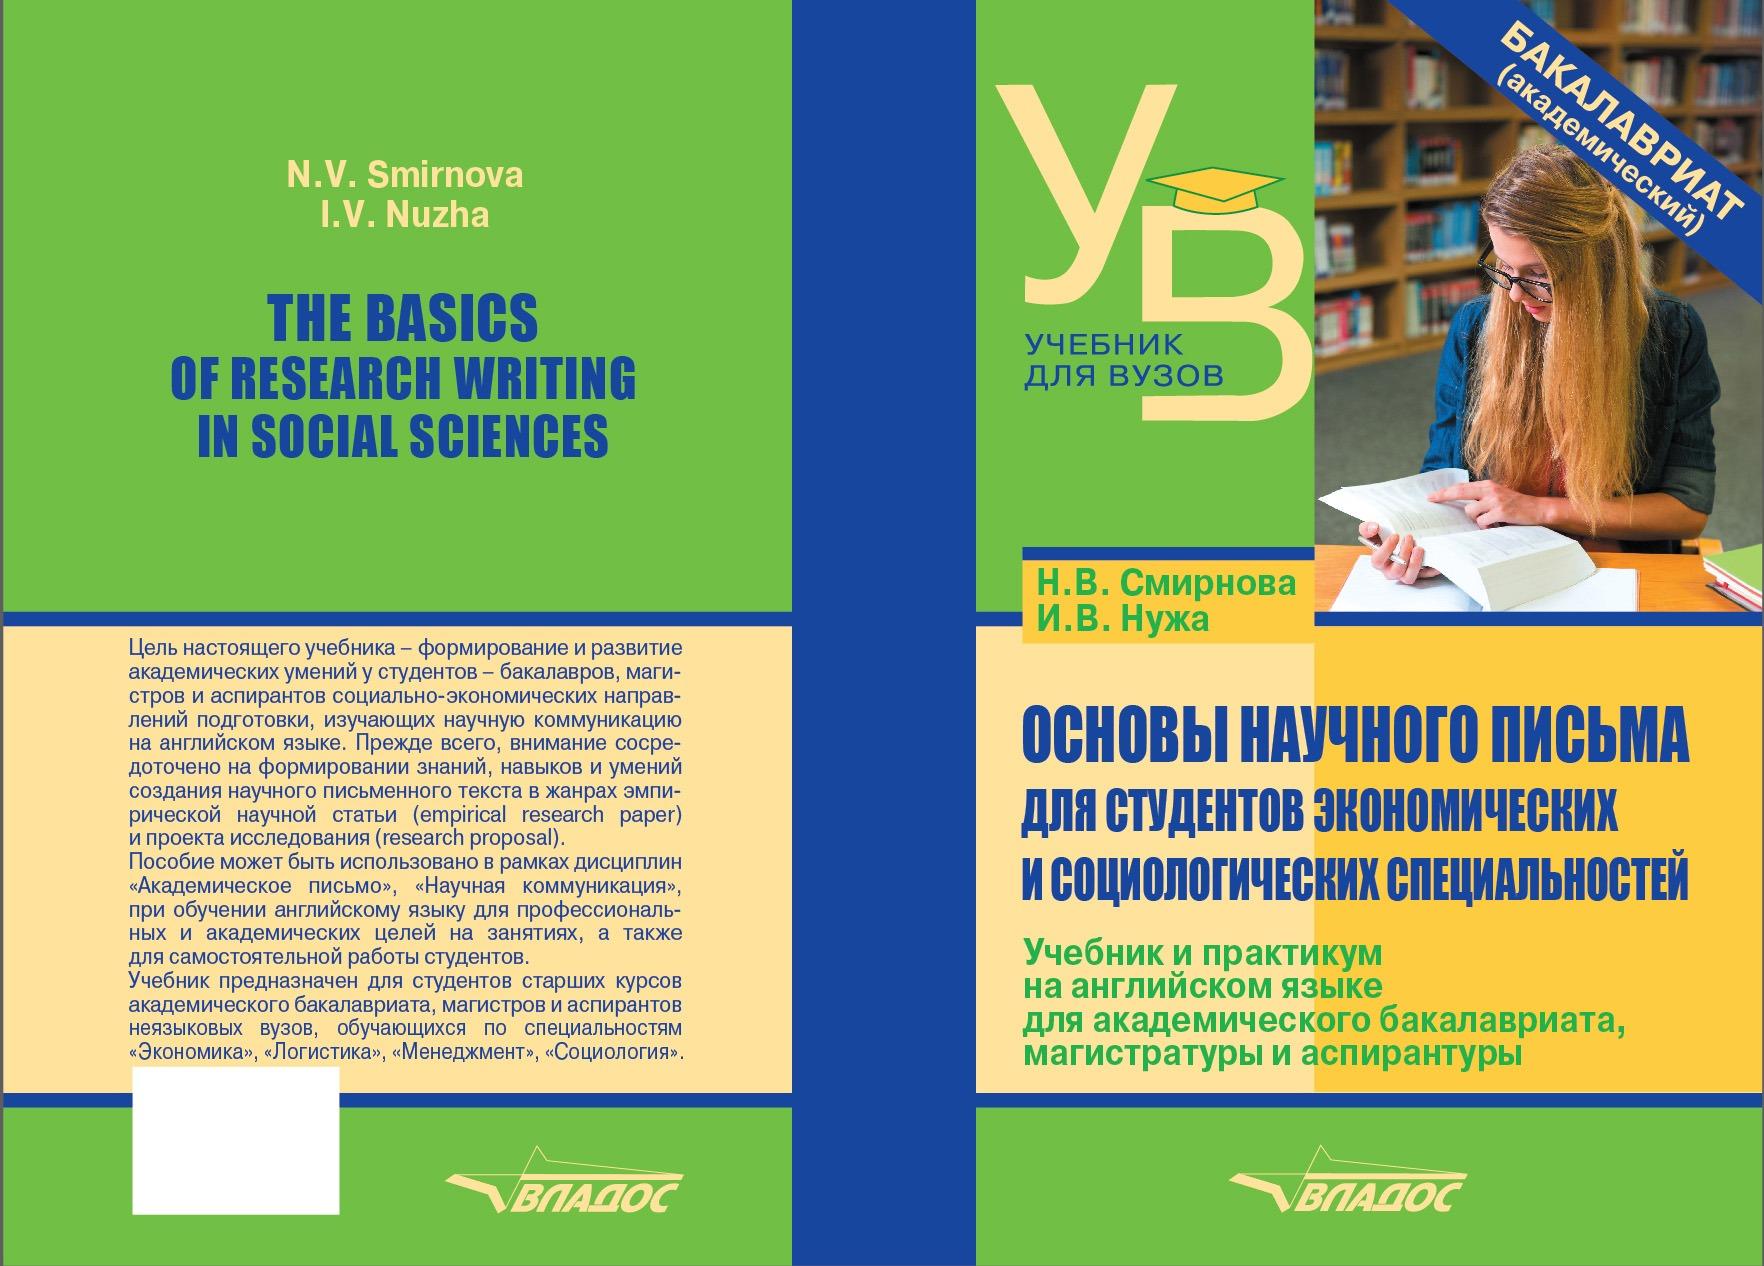 Основы научного письма для студентов экономических и социологических специальностей. The basics of research writing in social sciences